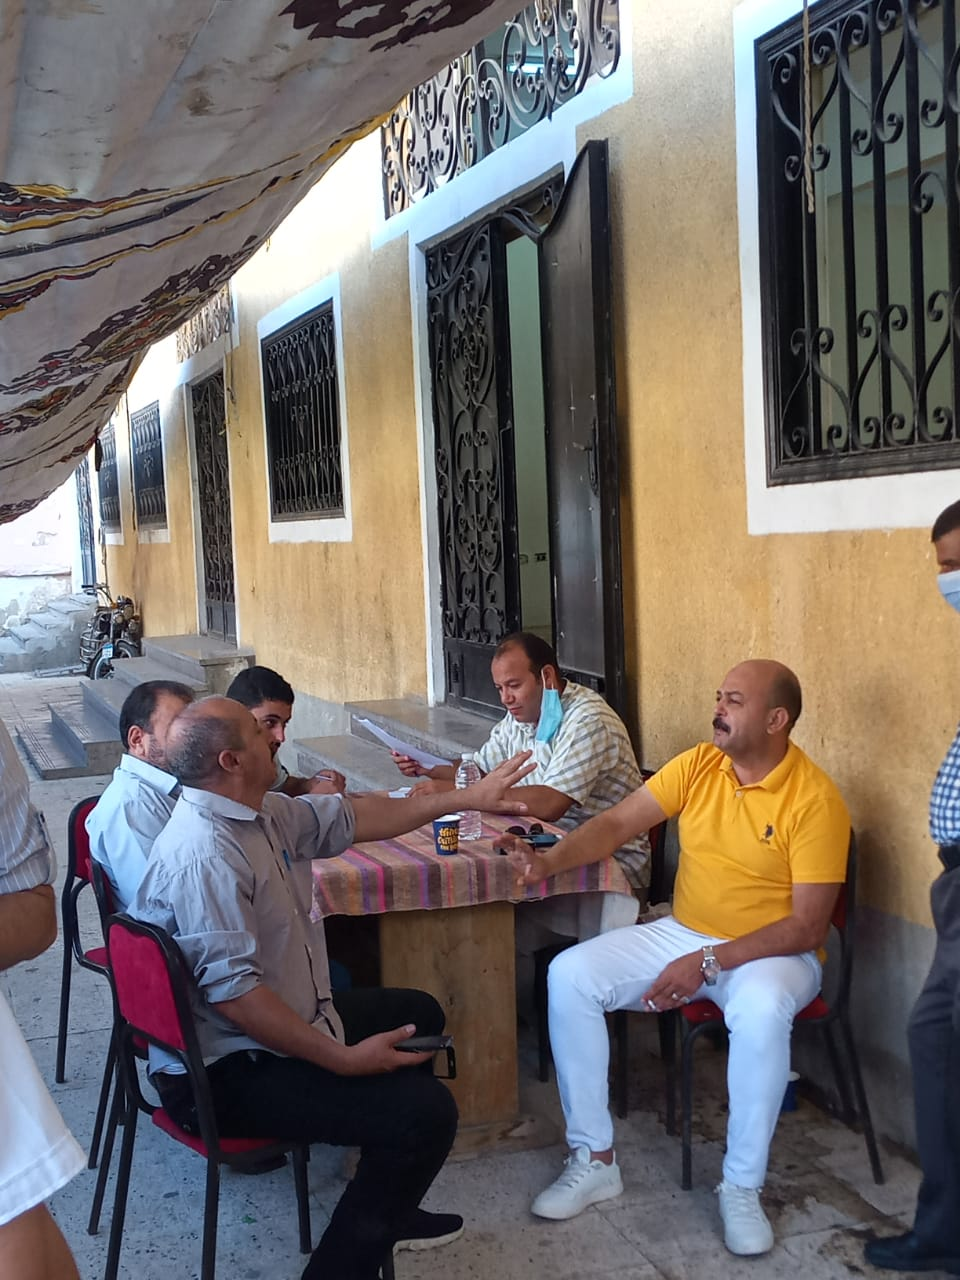 فوز الزواوي ومنصور والبسطويسي بالتذكية و5 أعضاء بالانتخاب بمركز شباب كفر الشيخ (1)